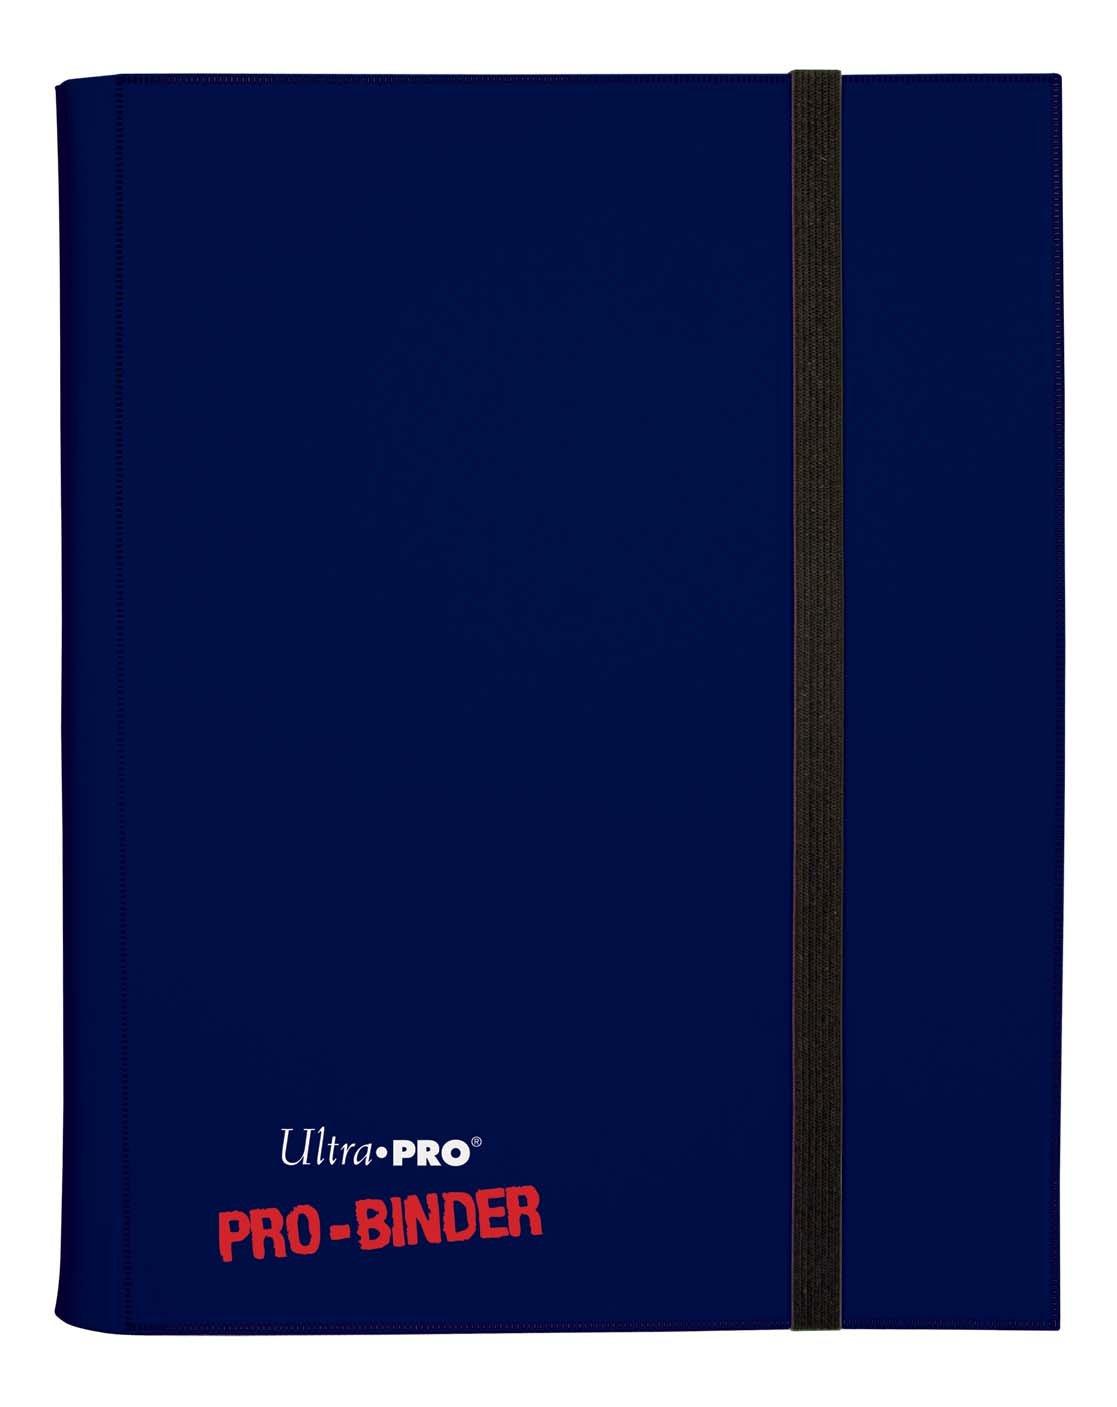 PRO-Binder (9-Pocket Size), Blue